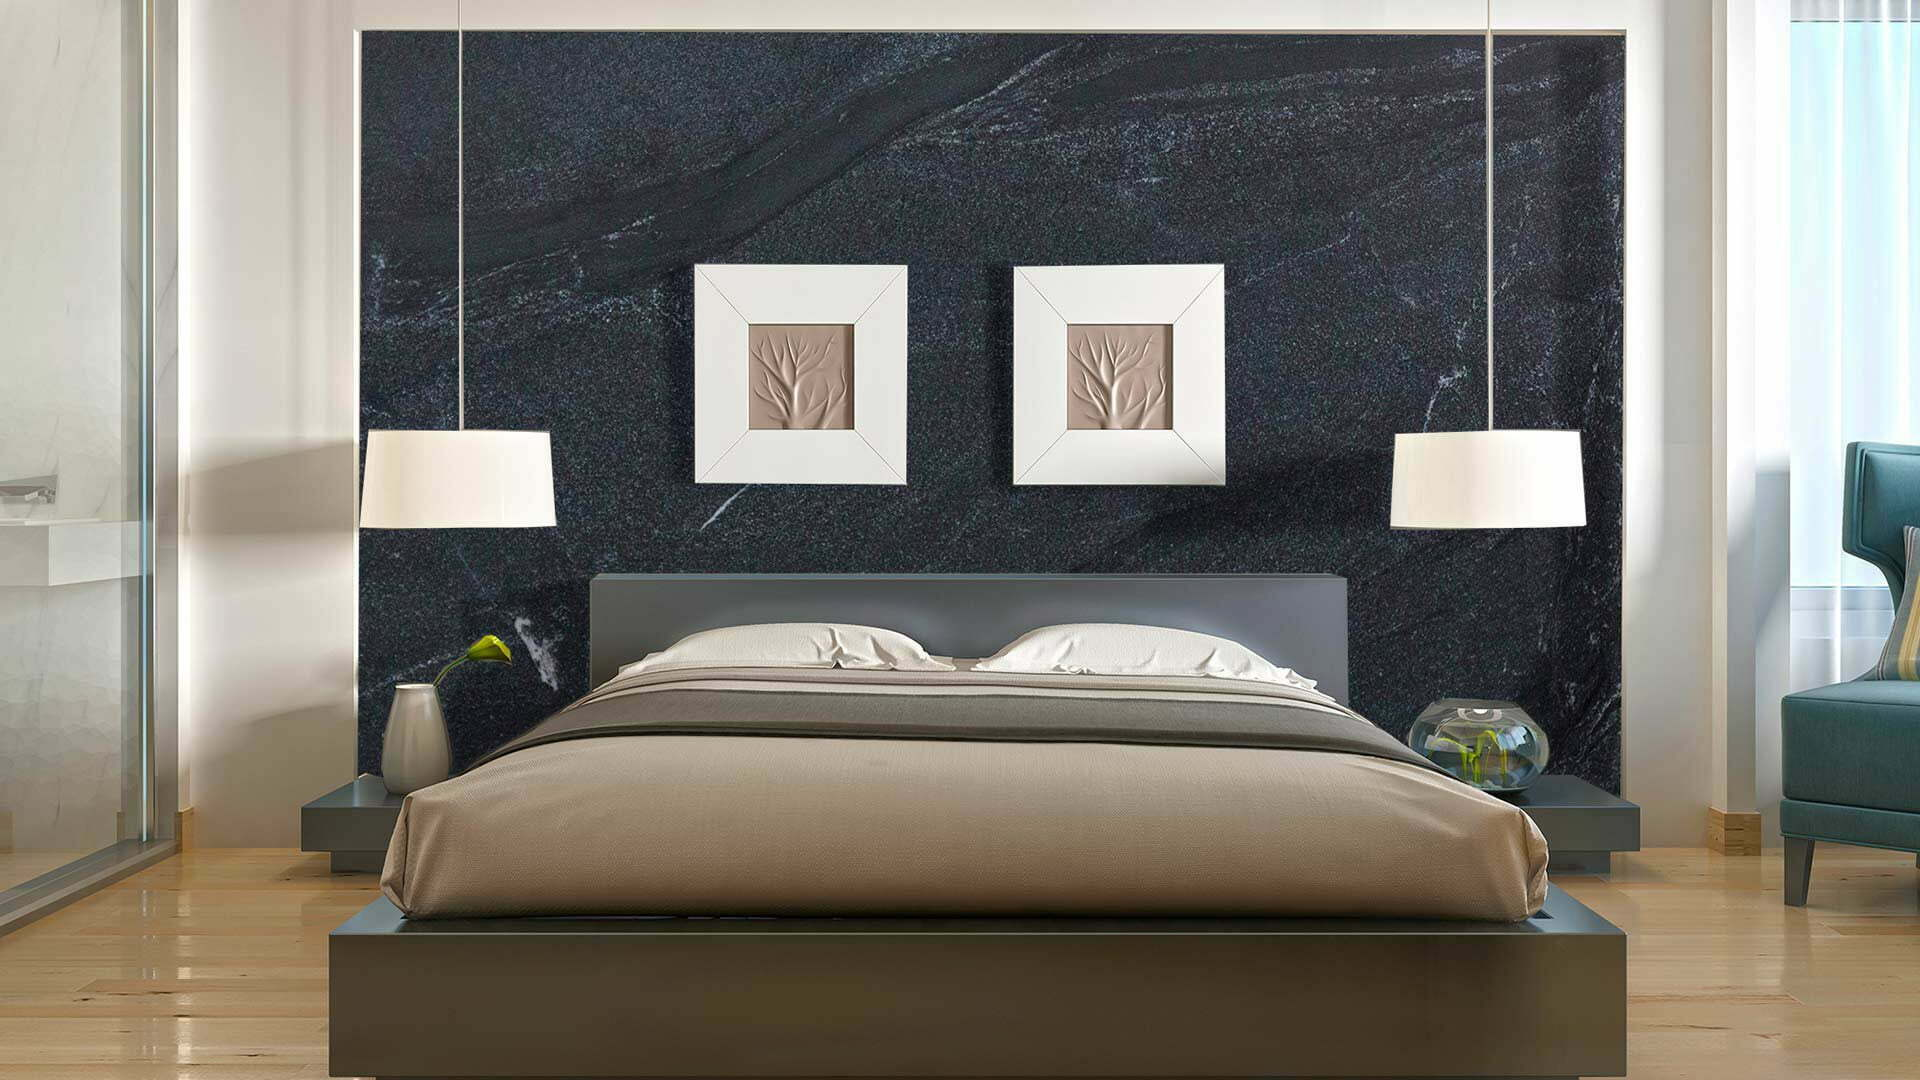 granite-black-misty-bedroom